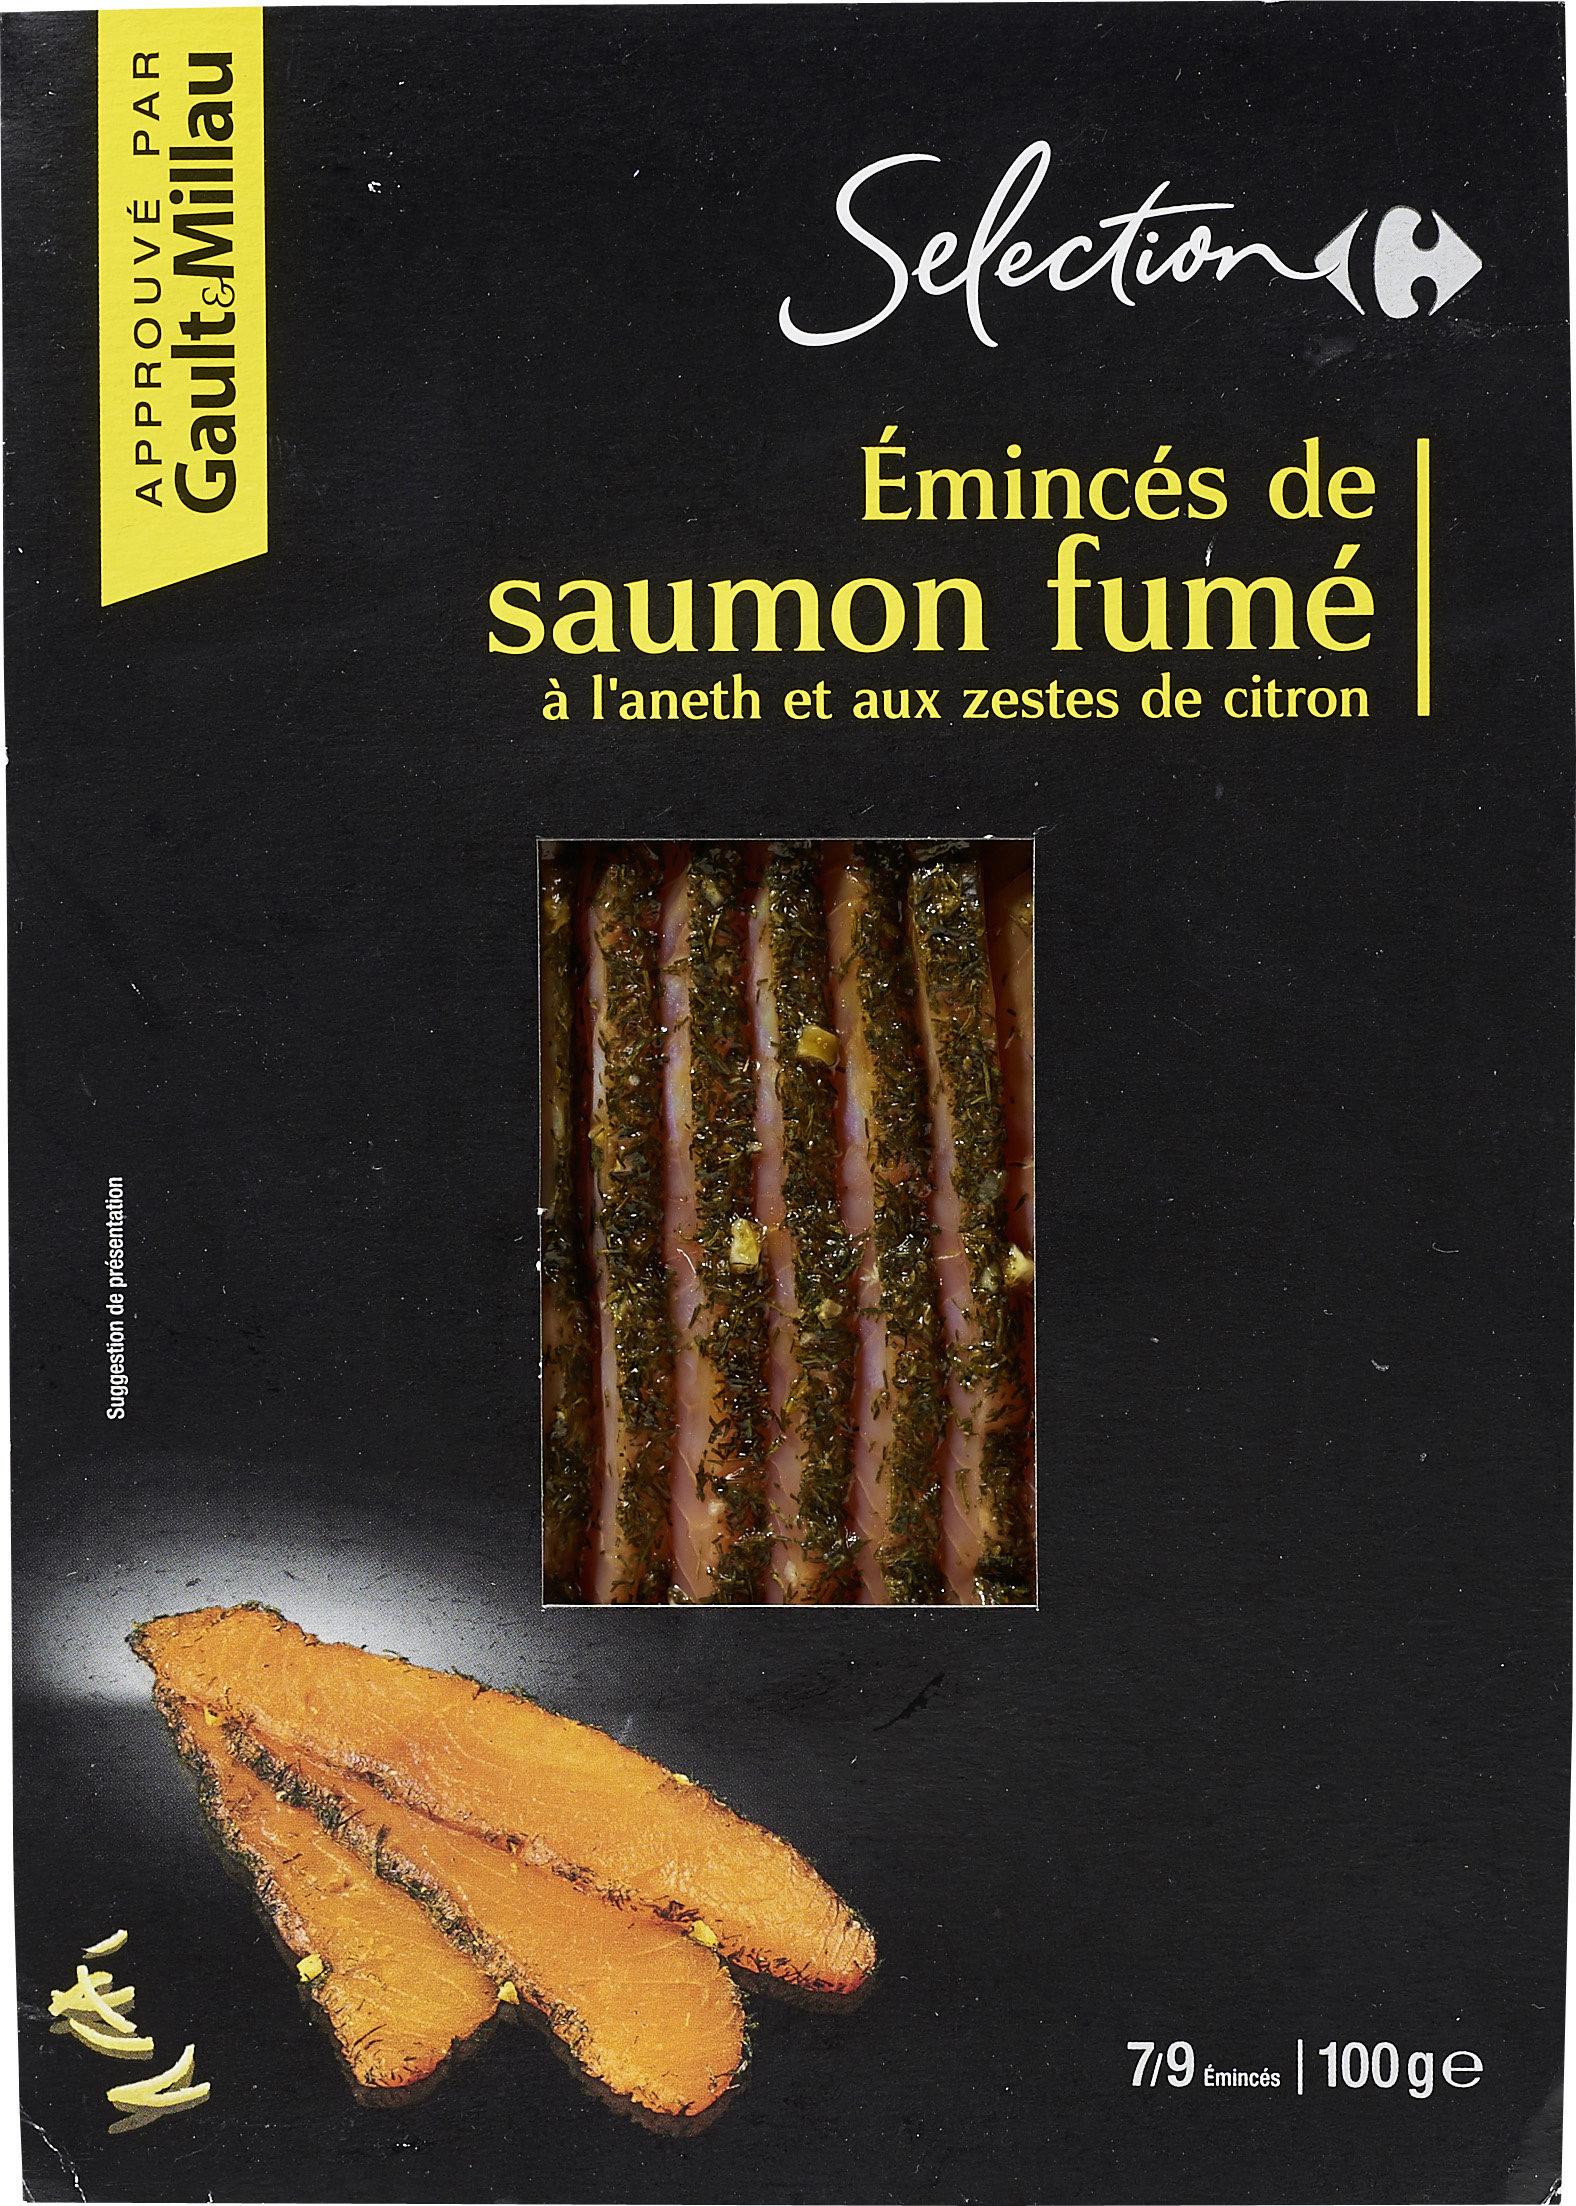 Émincés de saumon fumé à l'aneth et aux zestes de citron - Produit - fr